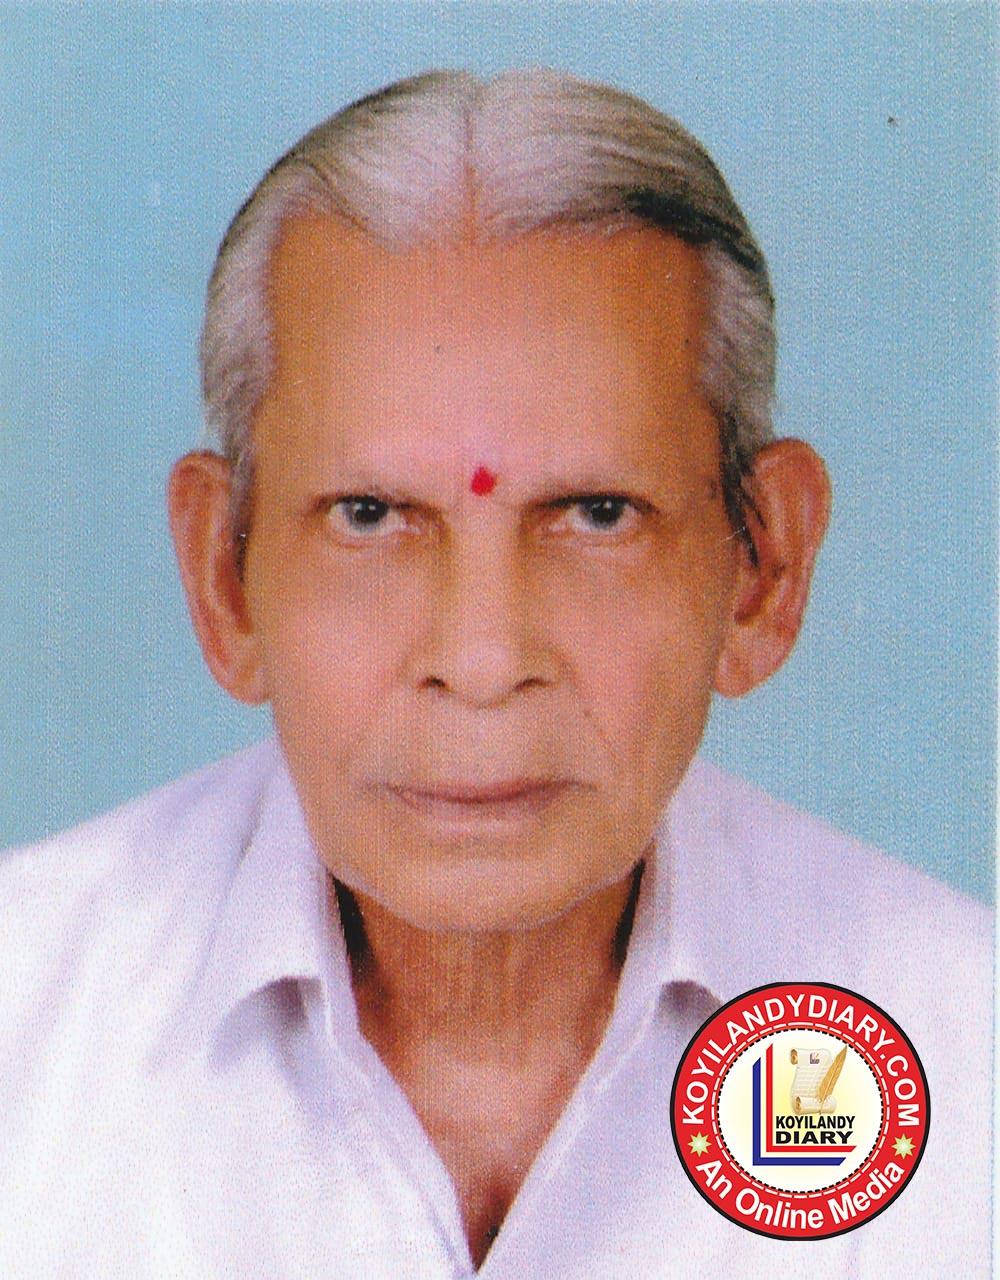 പൂക്കാട് കോട്ടുപുറത്ത് വേലായുധൻ (88)